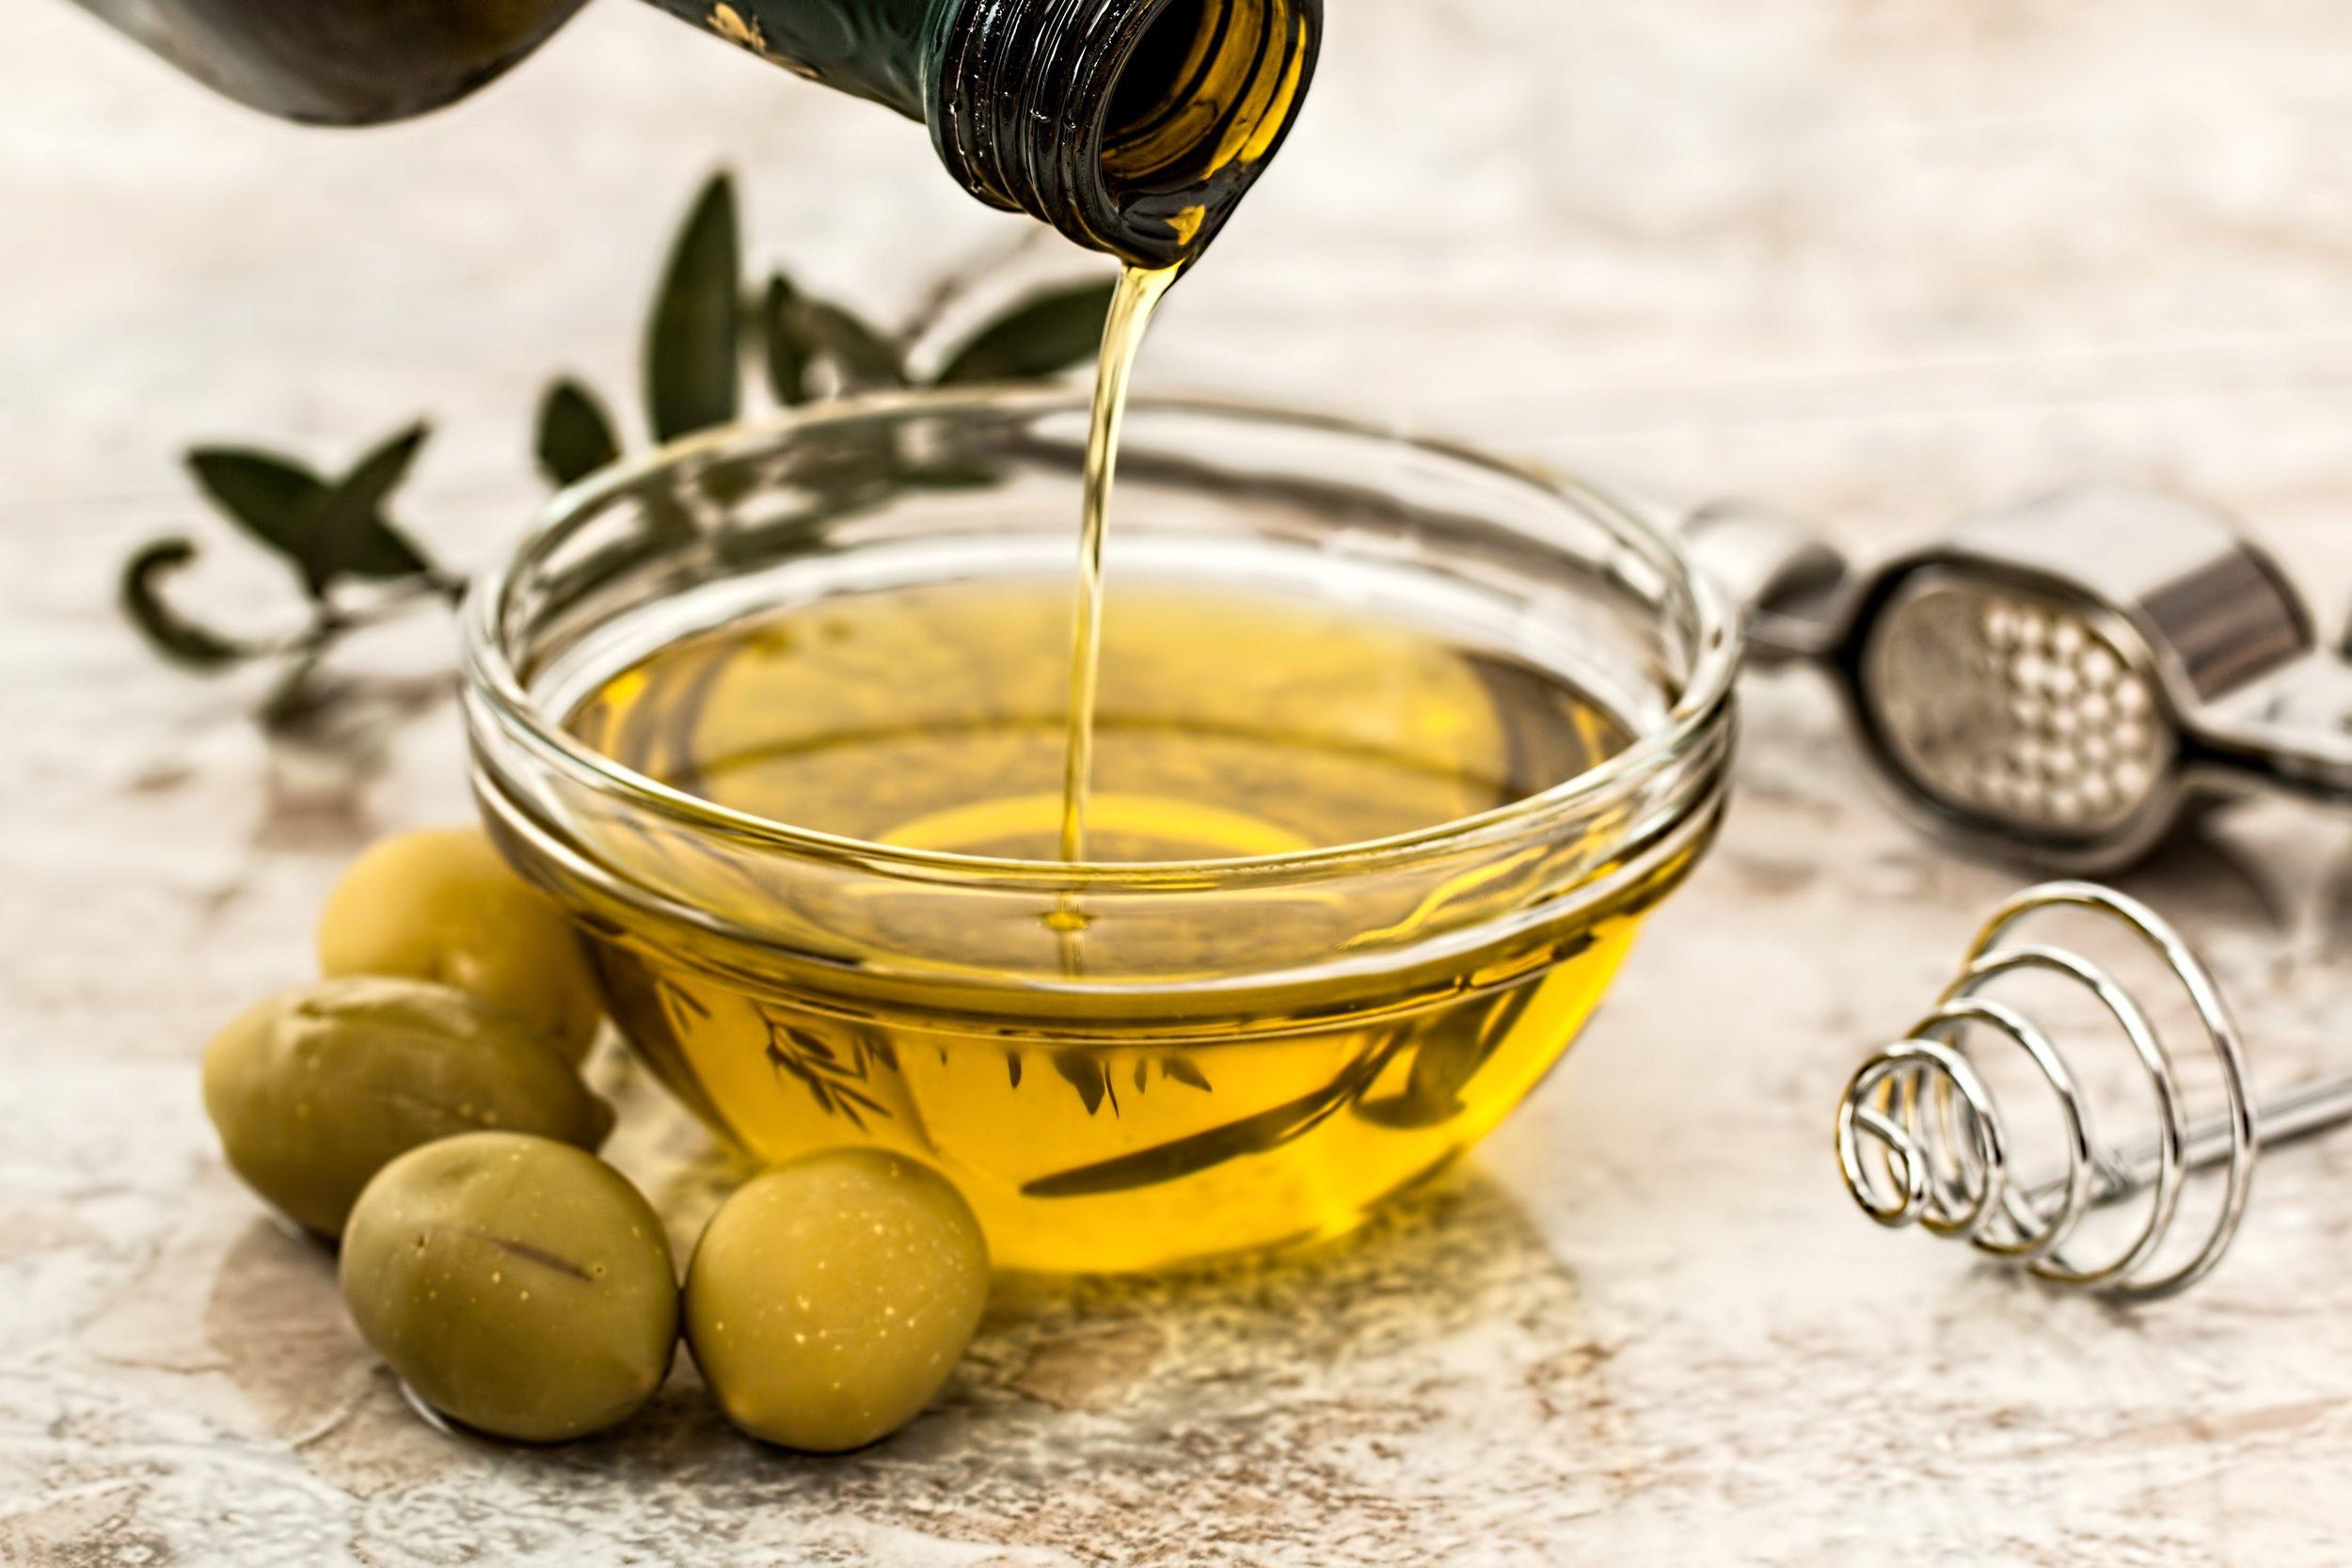 olive-oil-salad-dressing-cooking-olive.jpg